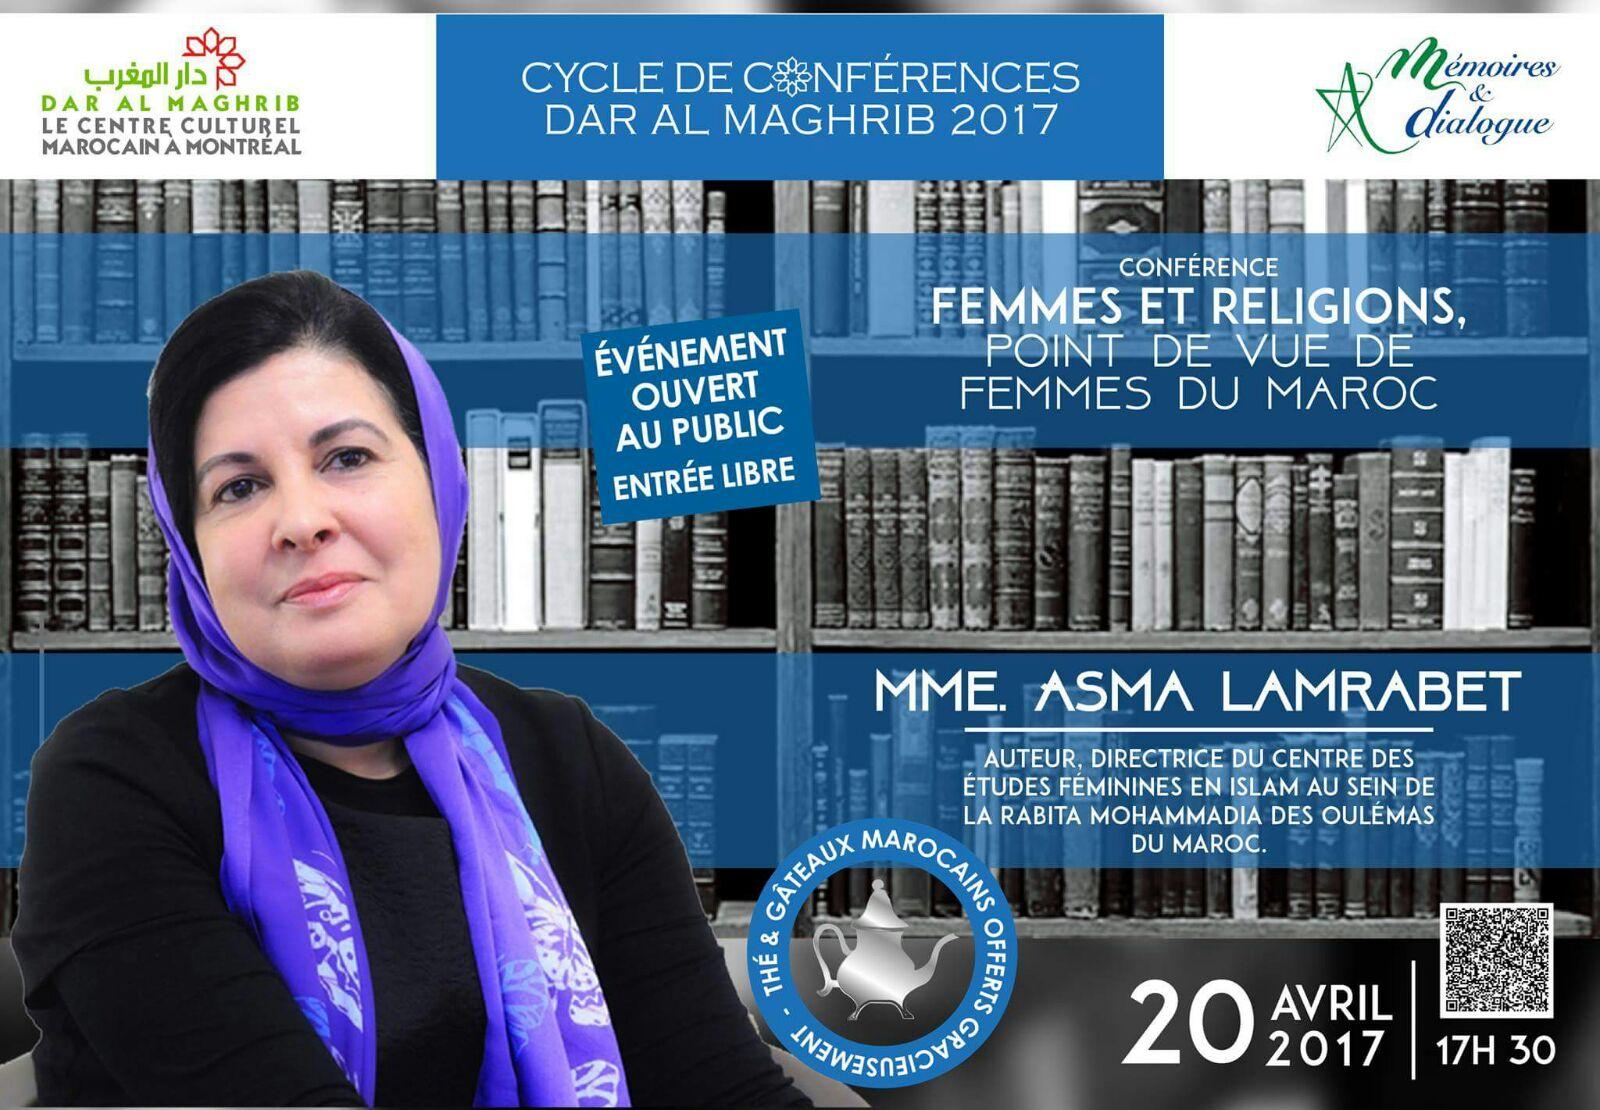 Conférence sur «Femmes et religions» : Dr. Asma Lamrabet